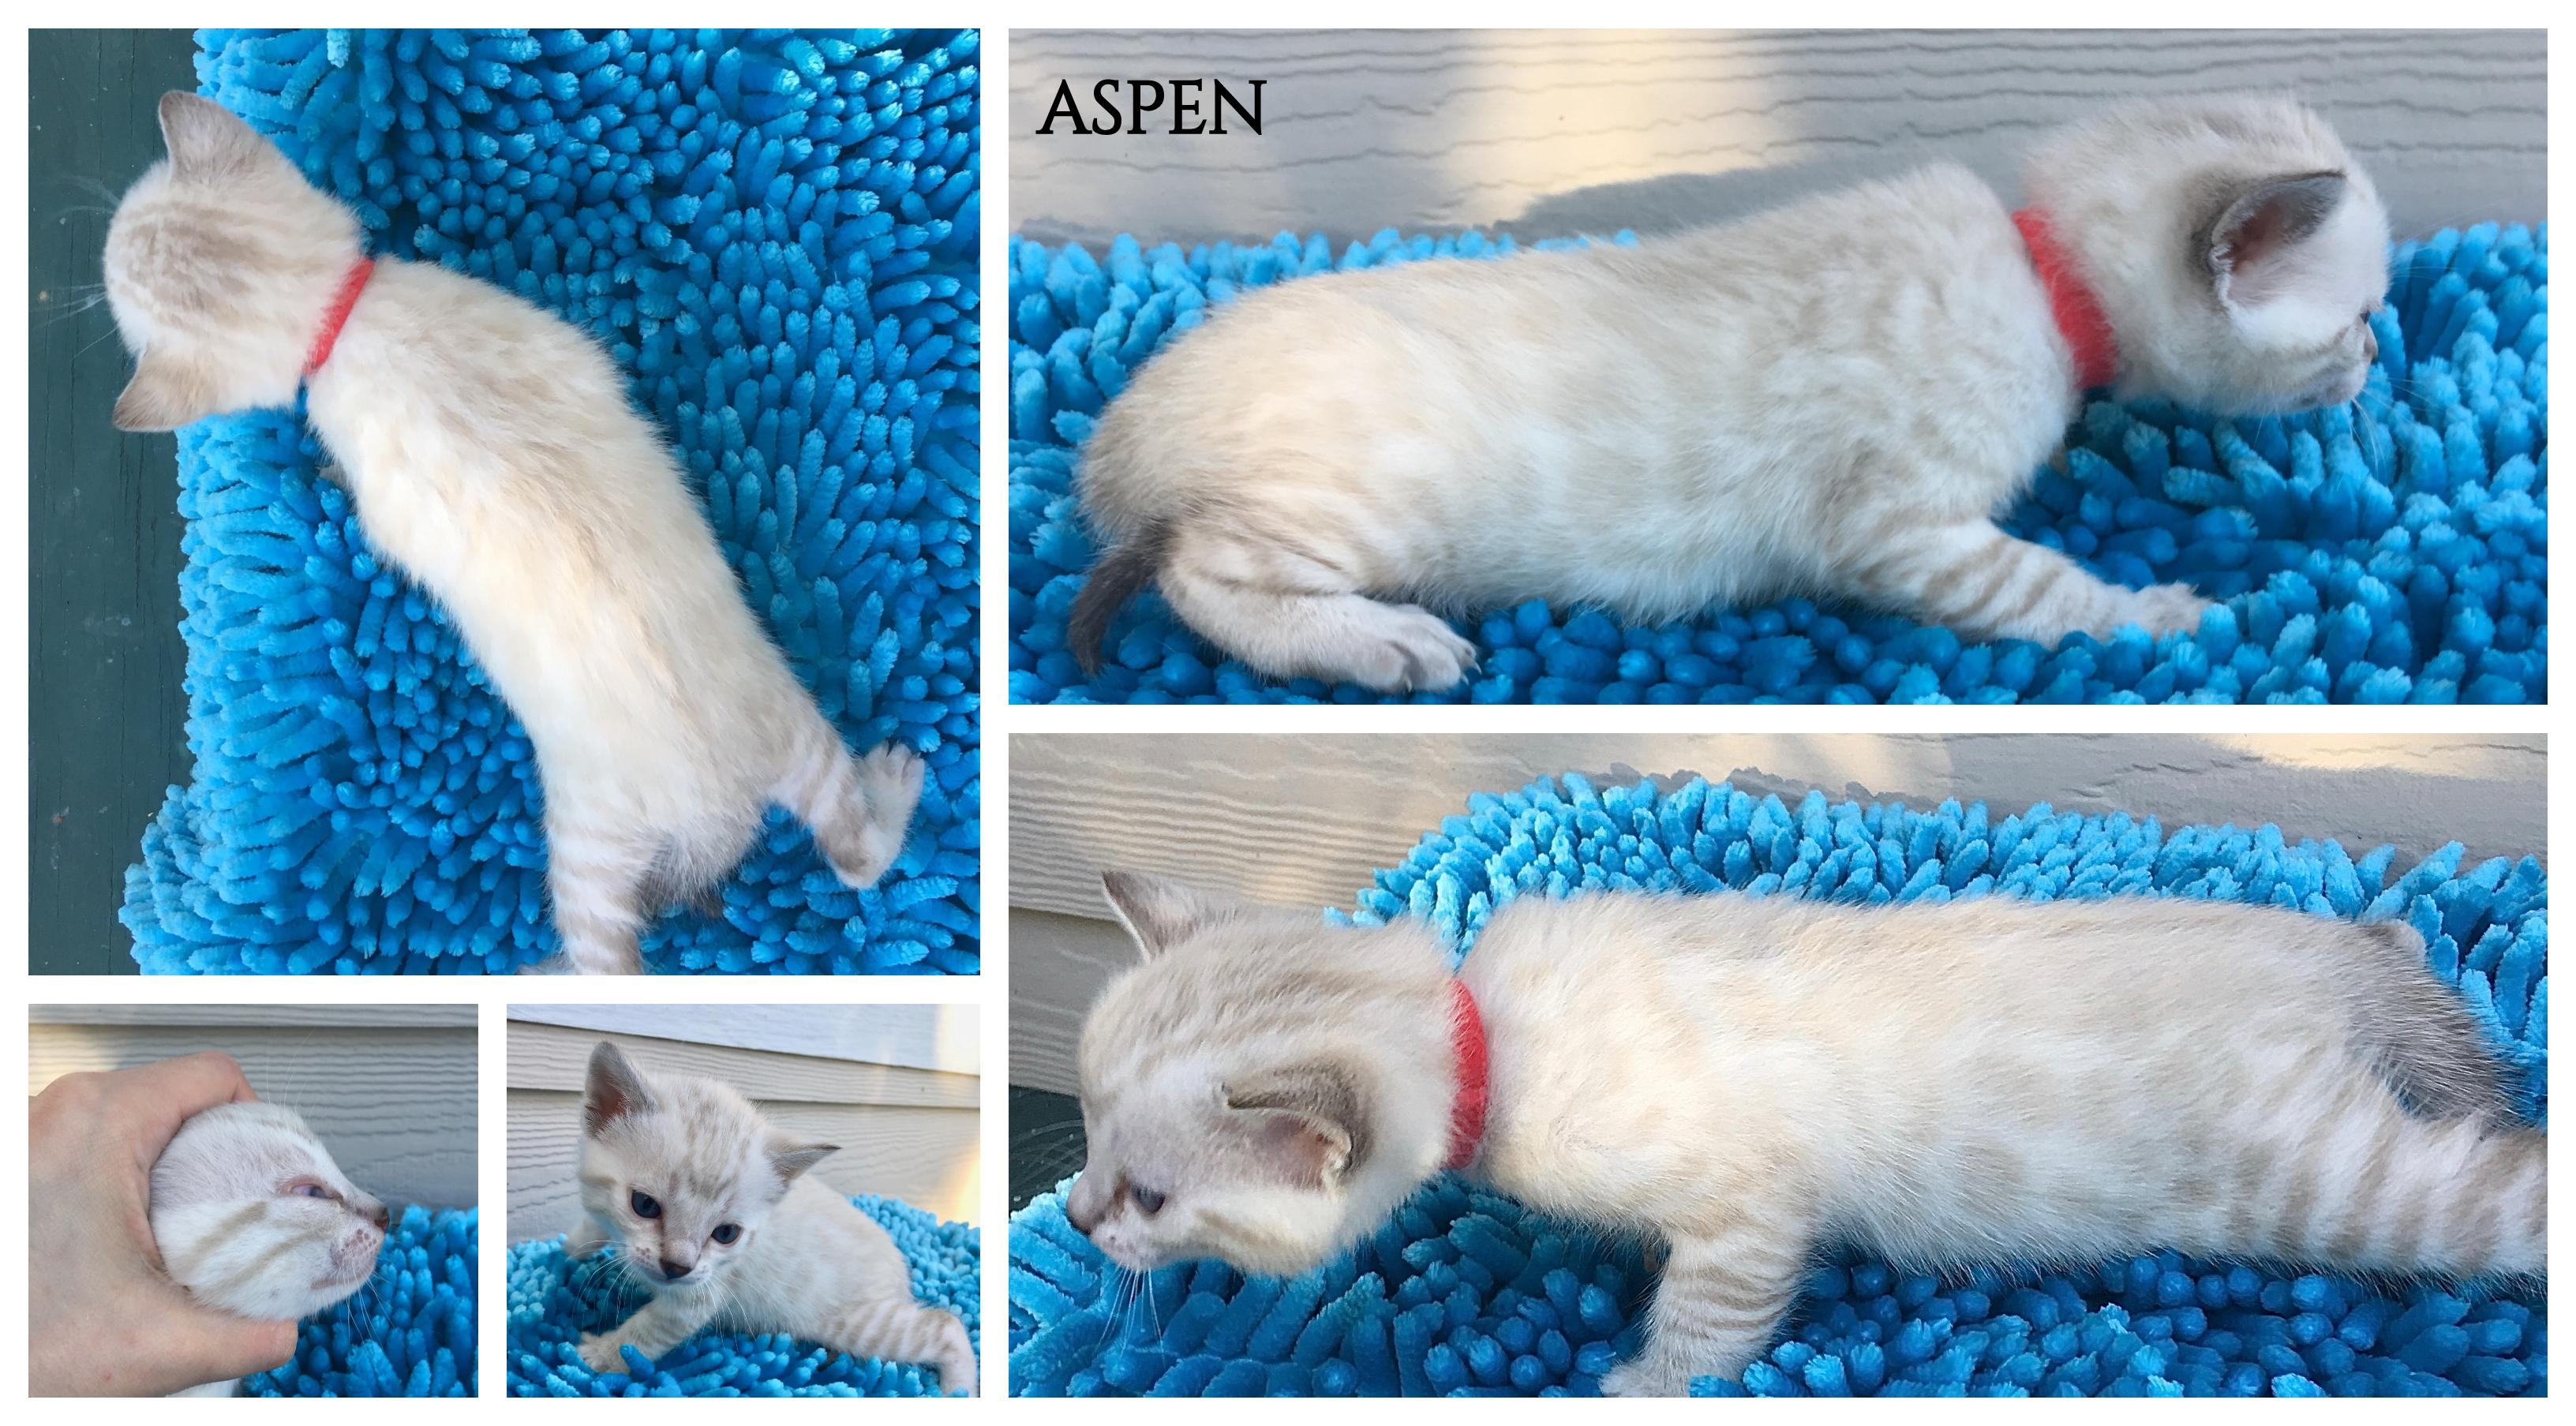 Aspen 4 weeks